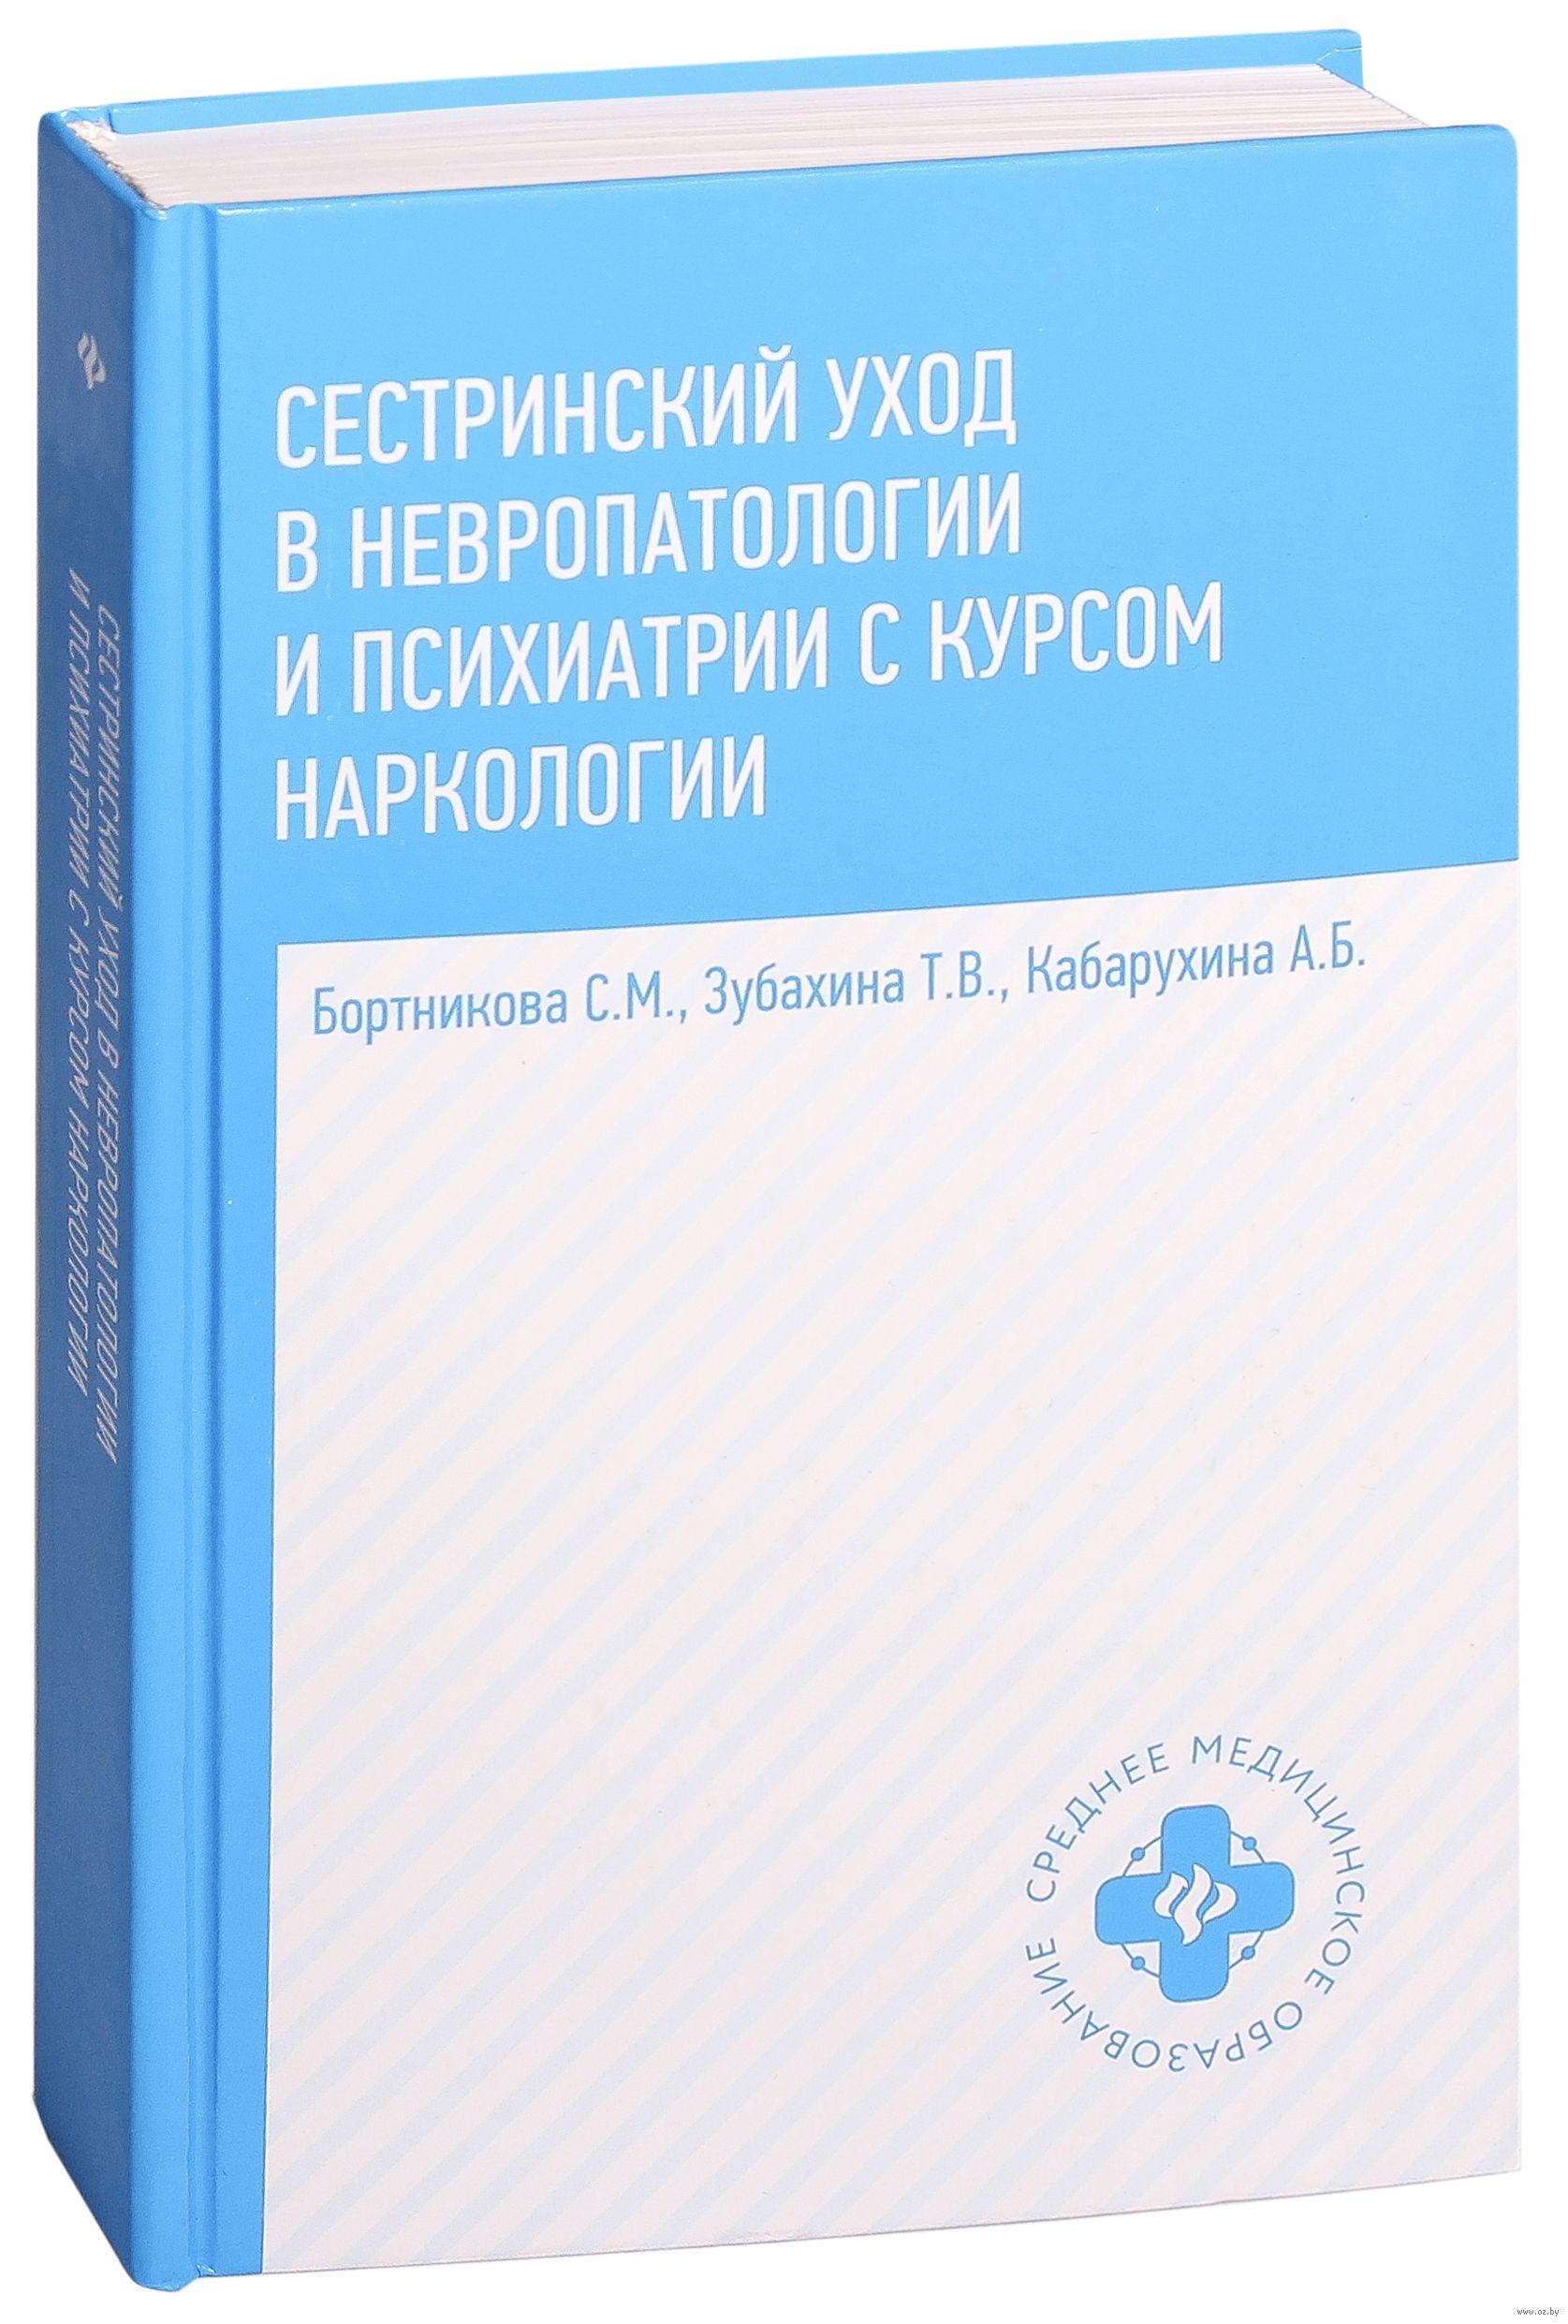 Сестринский уход в наркологии невропатологии и психиатрии государственный наркологический клиника